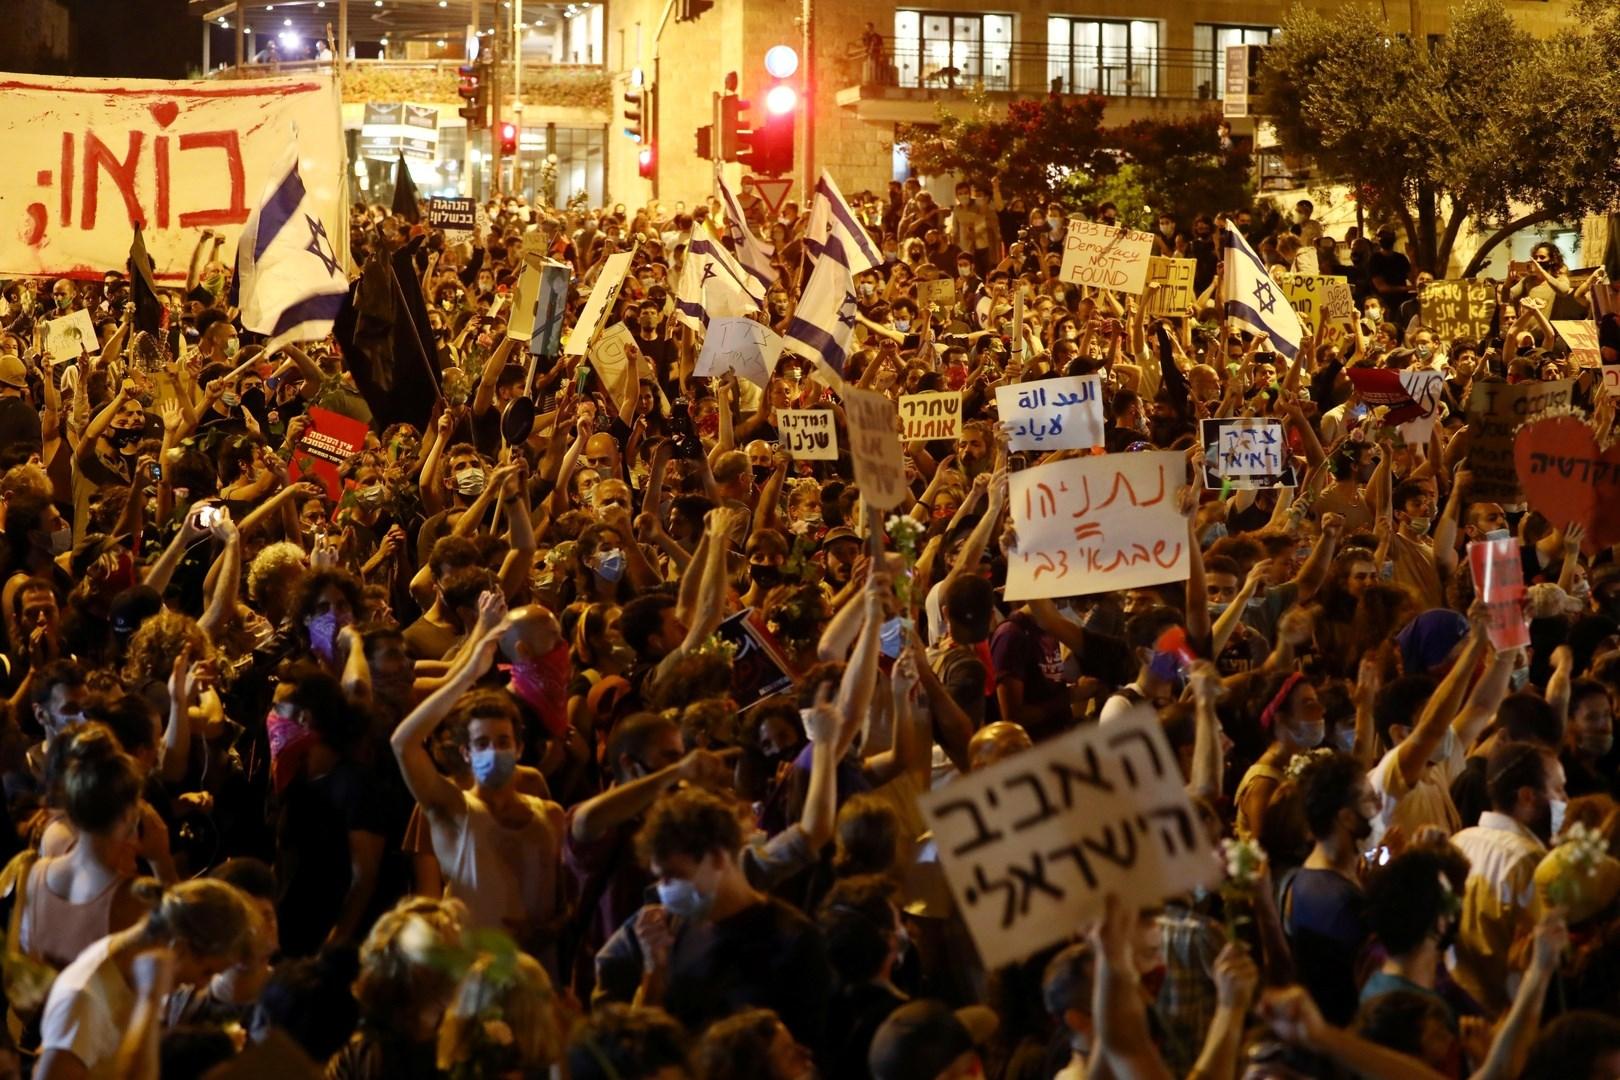 وسائل إعلام إسرائيلية: عشرات الآلاف تظاهروا في مختلف الأماكن في البلاد مطالبين نتنياهو بالاستقالة